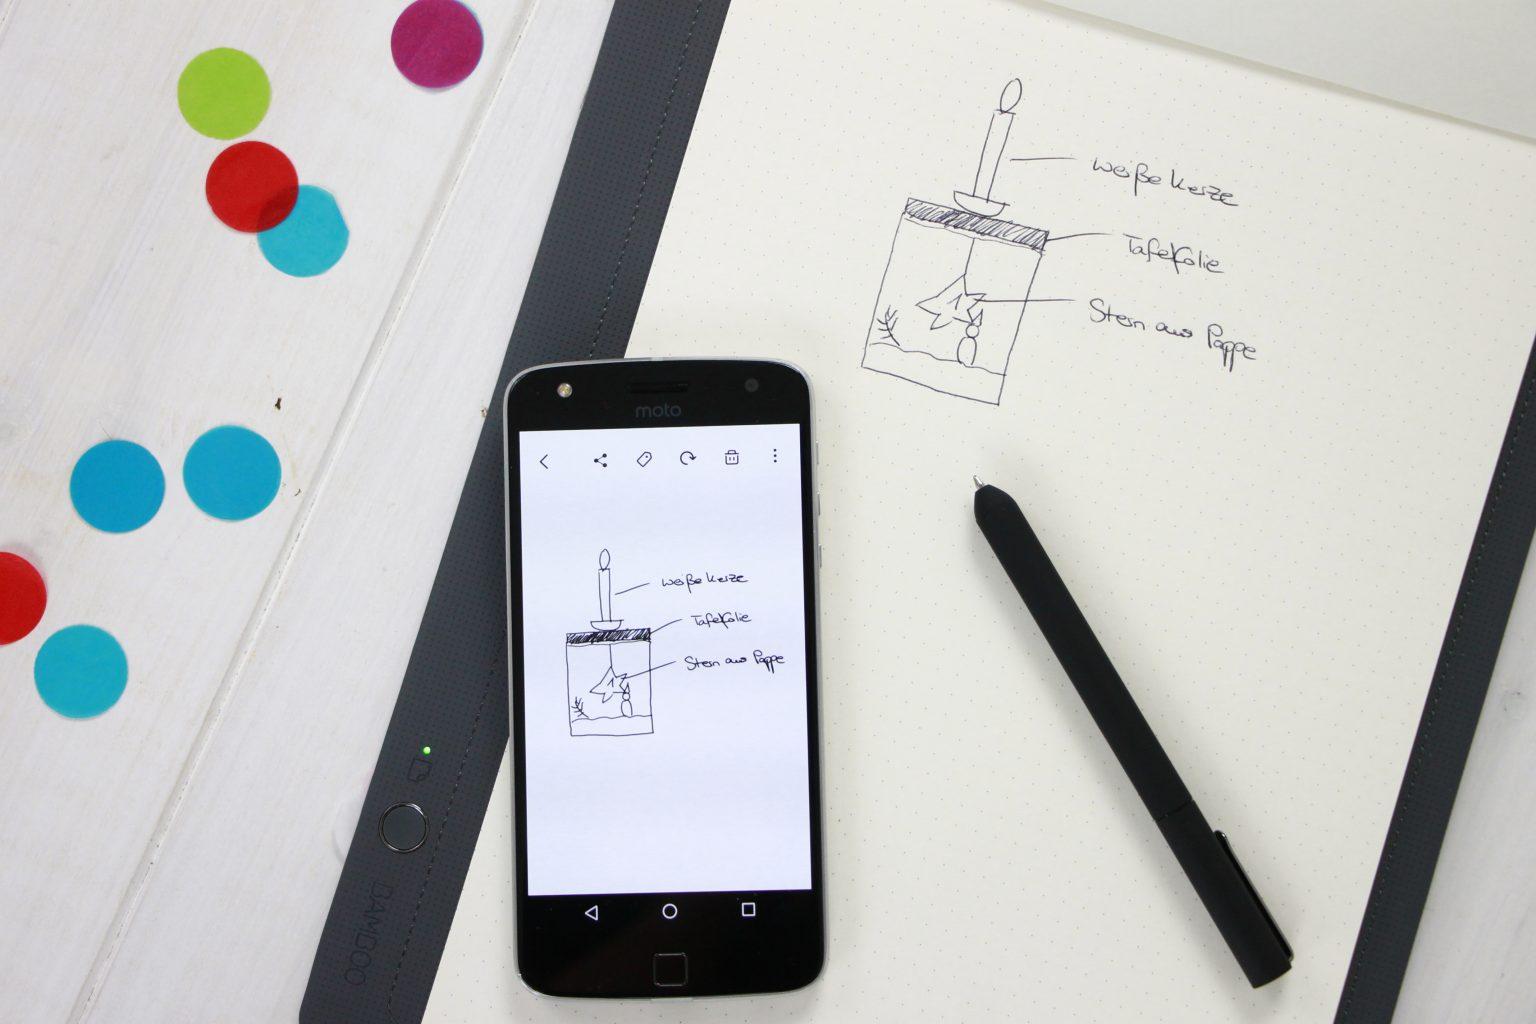 Wacom Smartpad Erfahrung